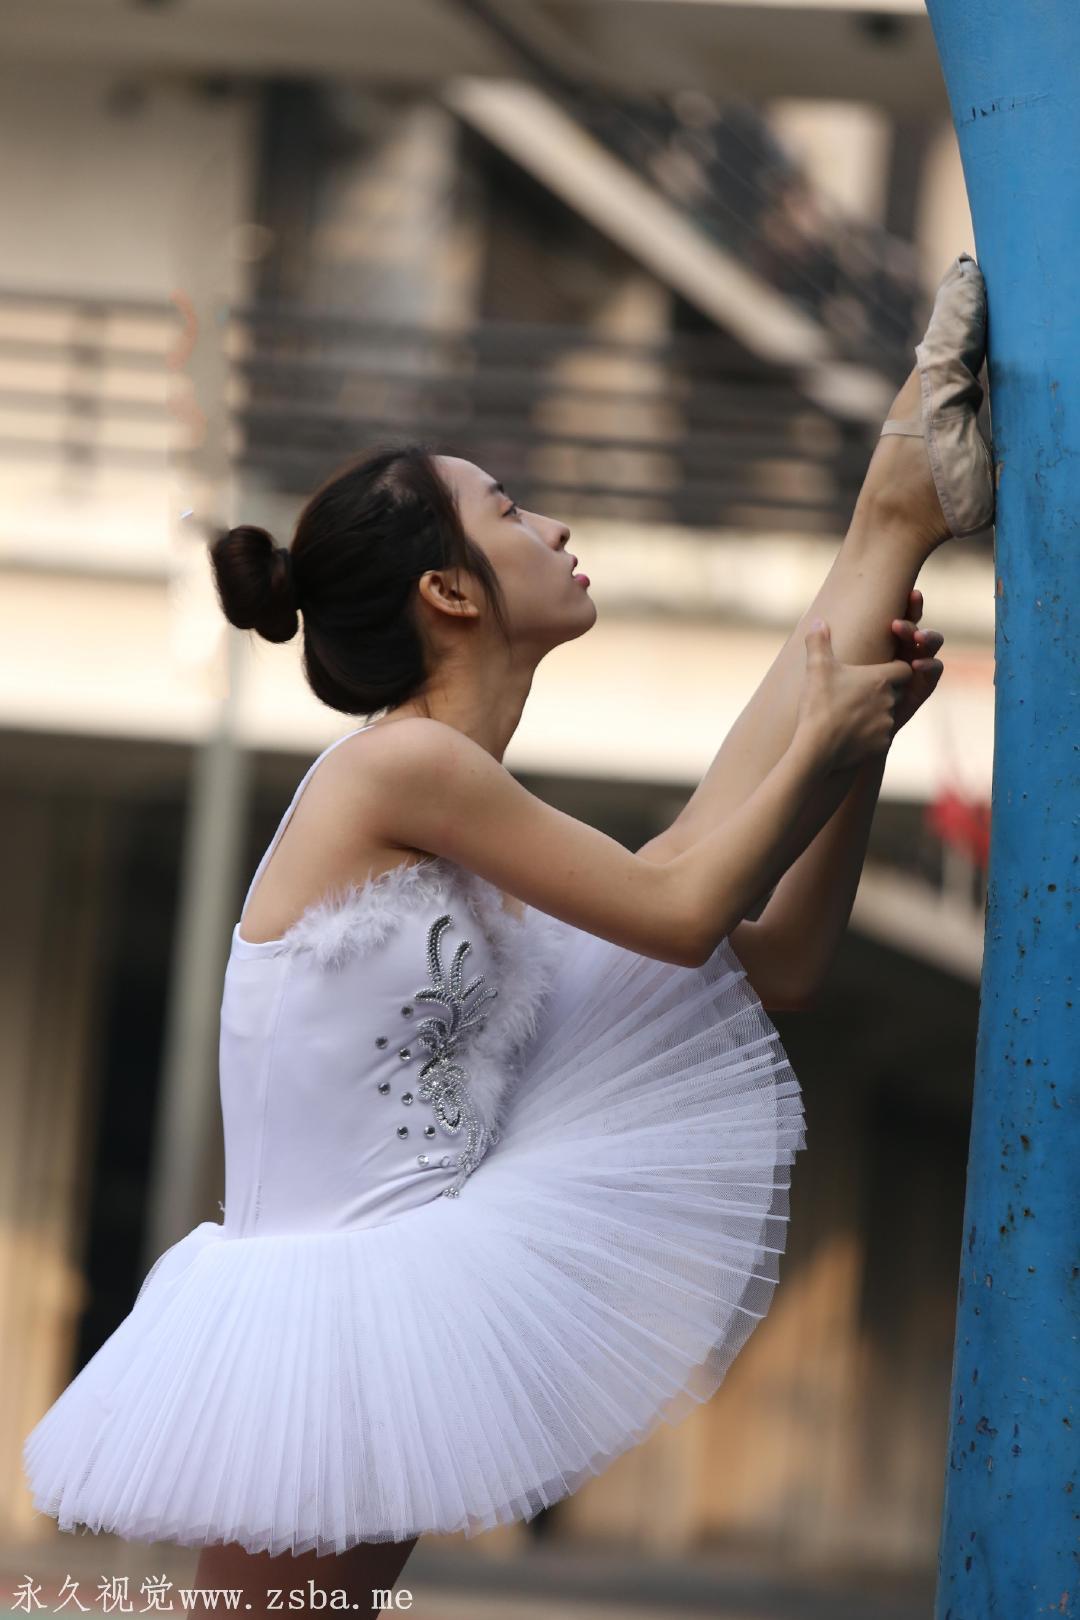 舞蹈学院练舞室实拍照片 美女小姐姐高清照片插图(7)